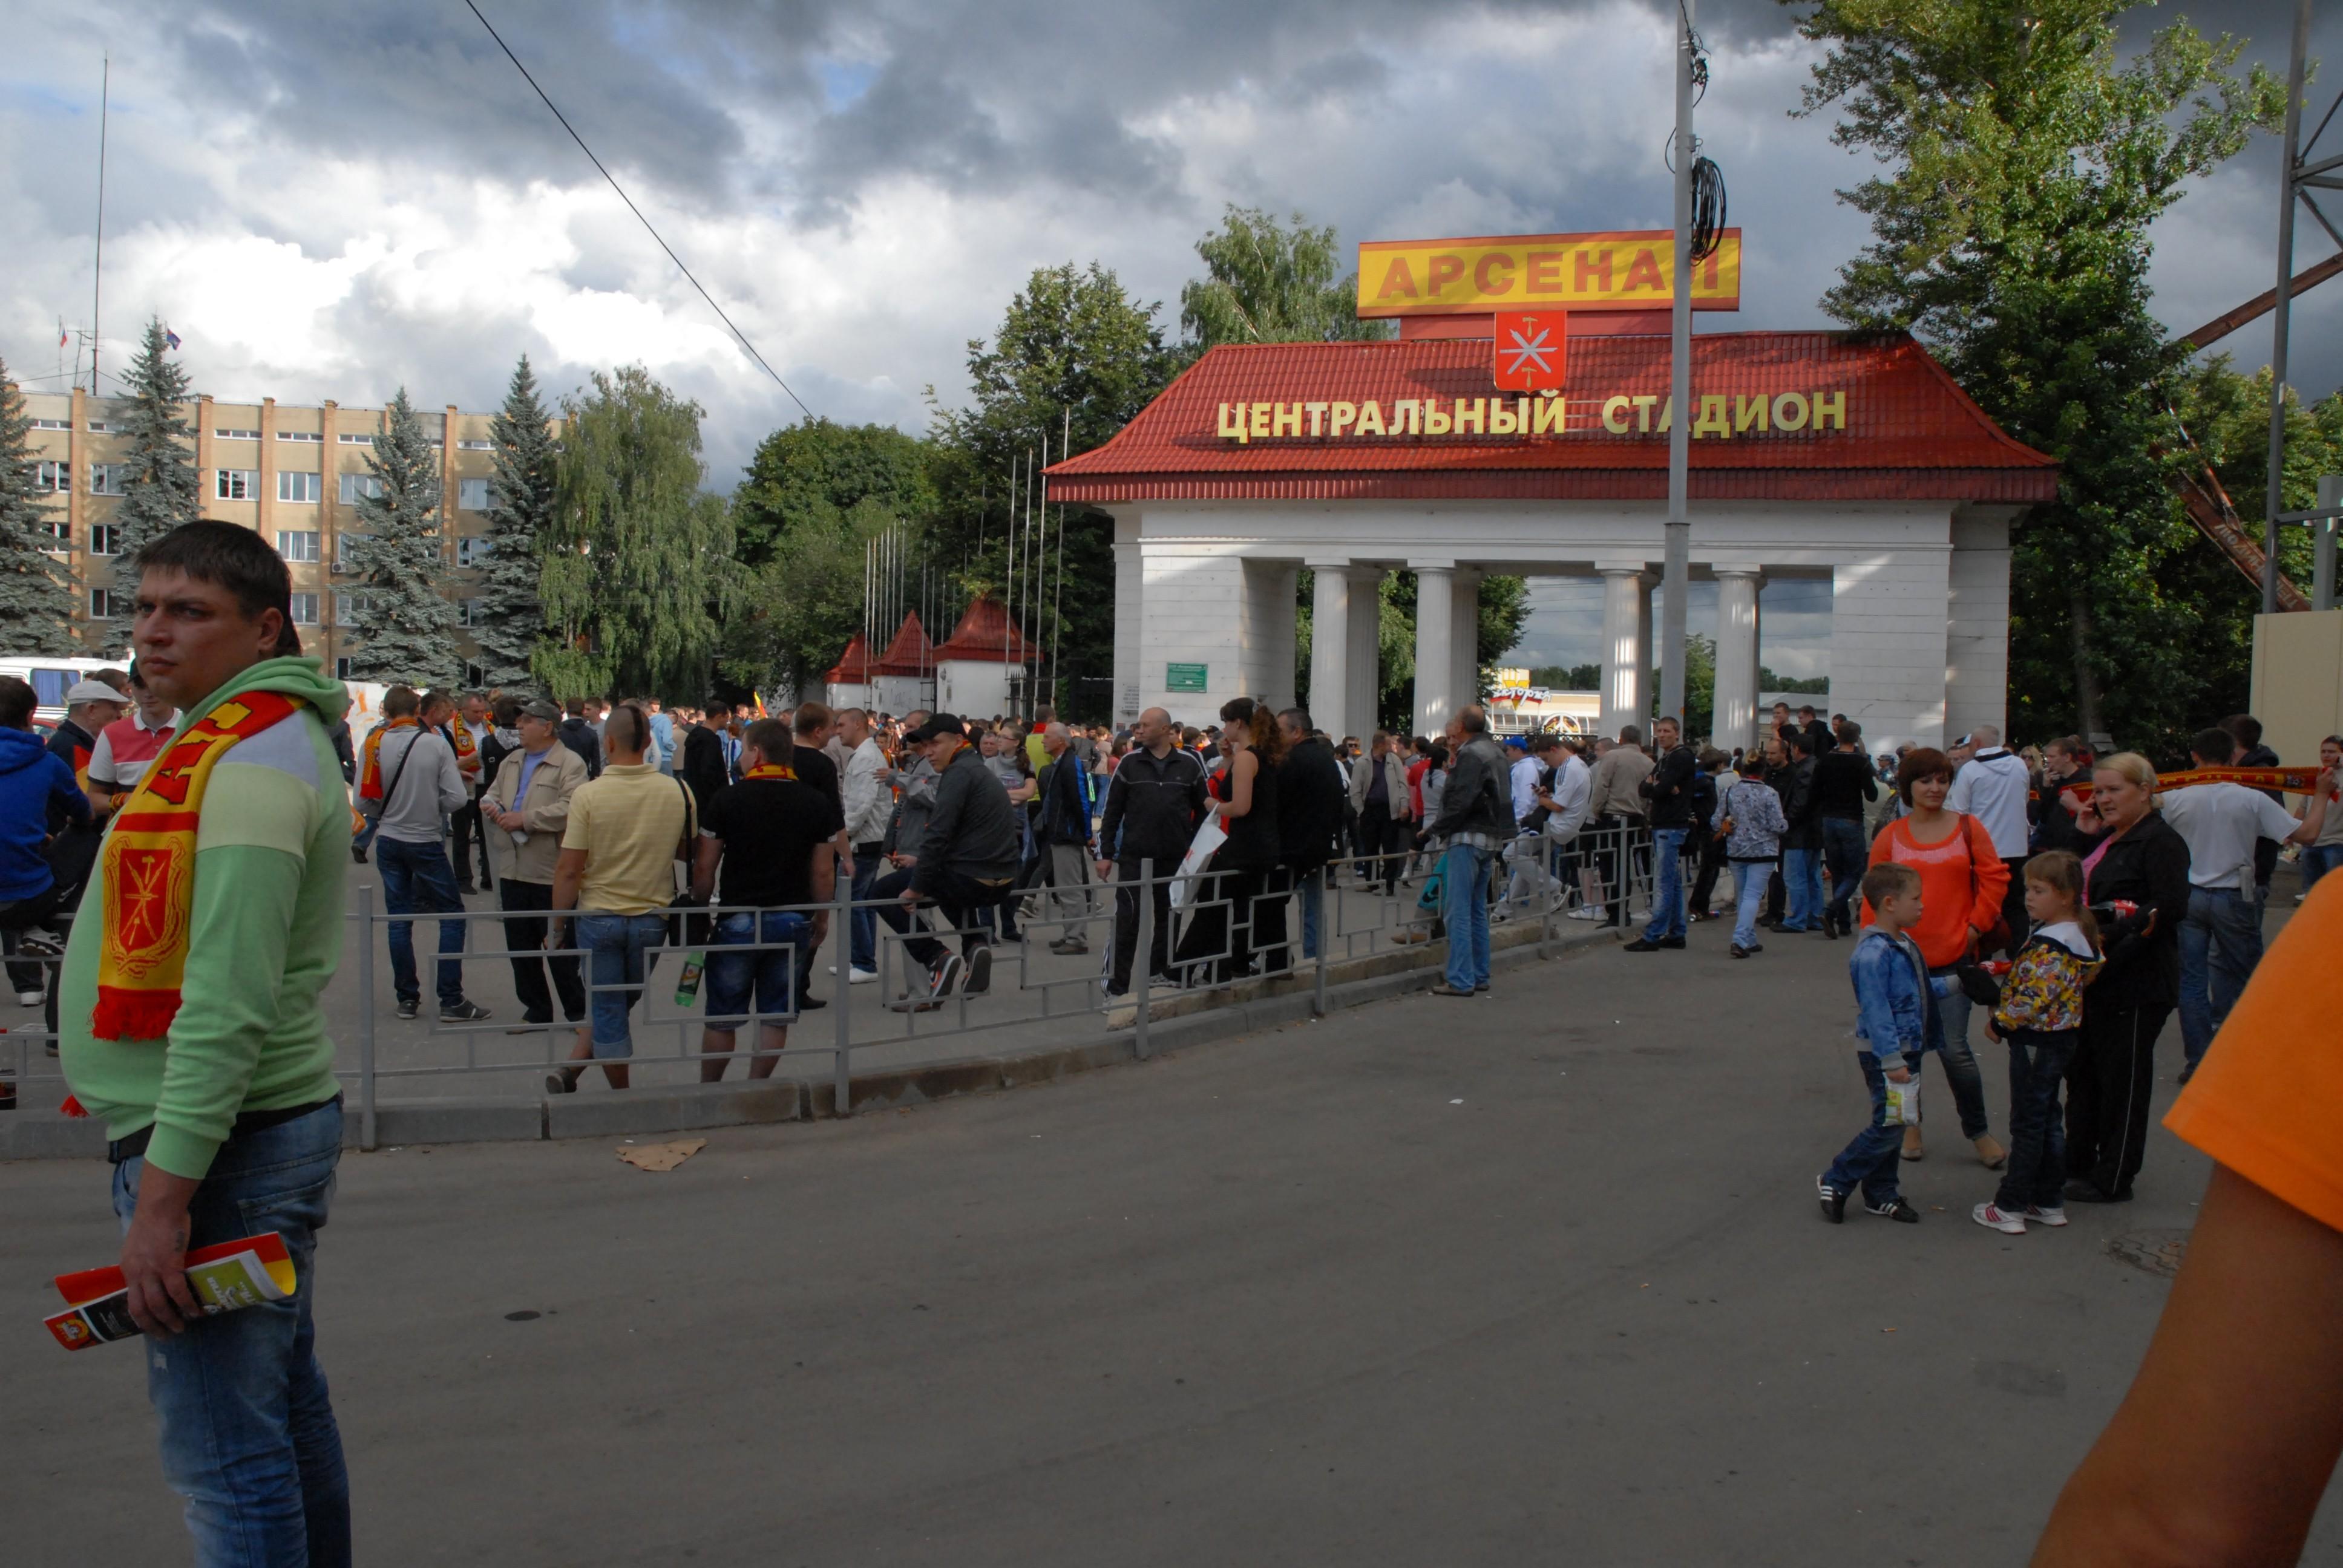 ВРузаевке пройдут состязания неменее 150 тяжелоатлетов из12 регионов ПФО